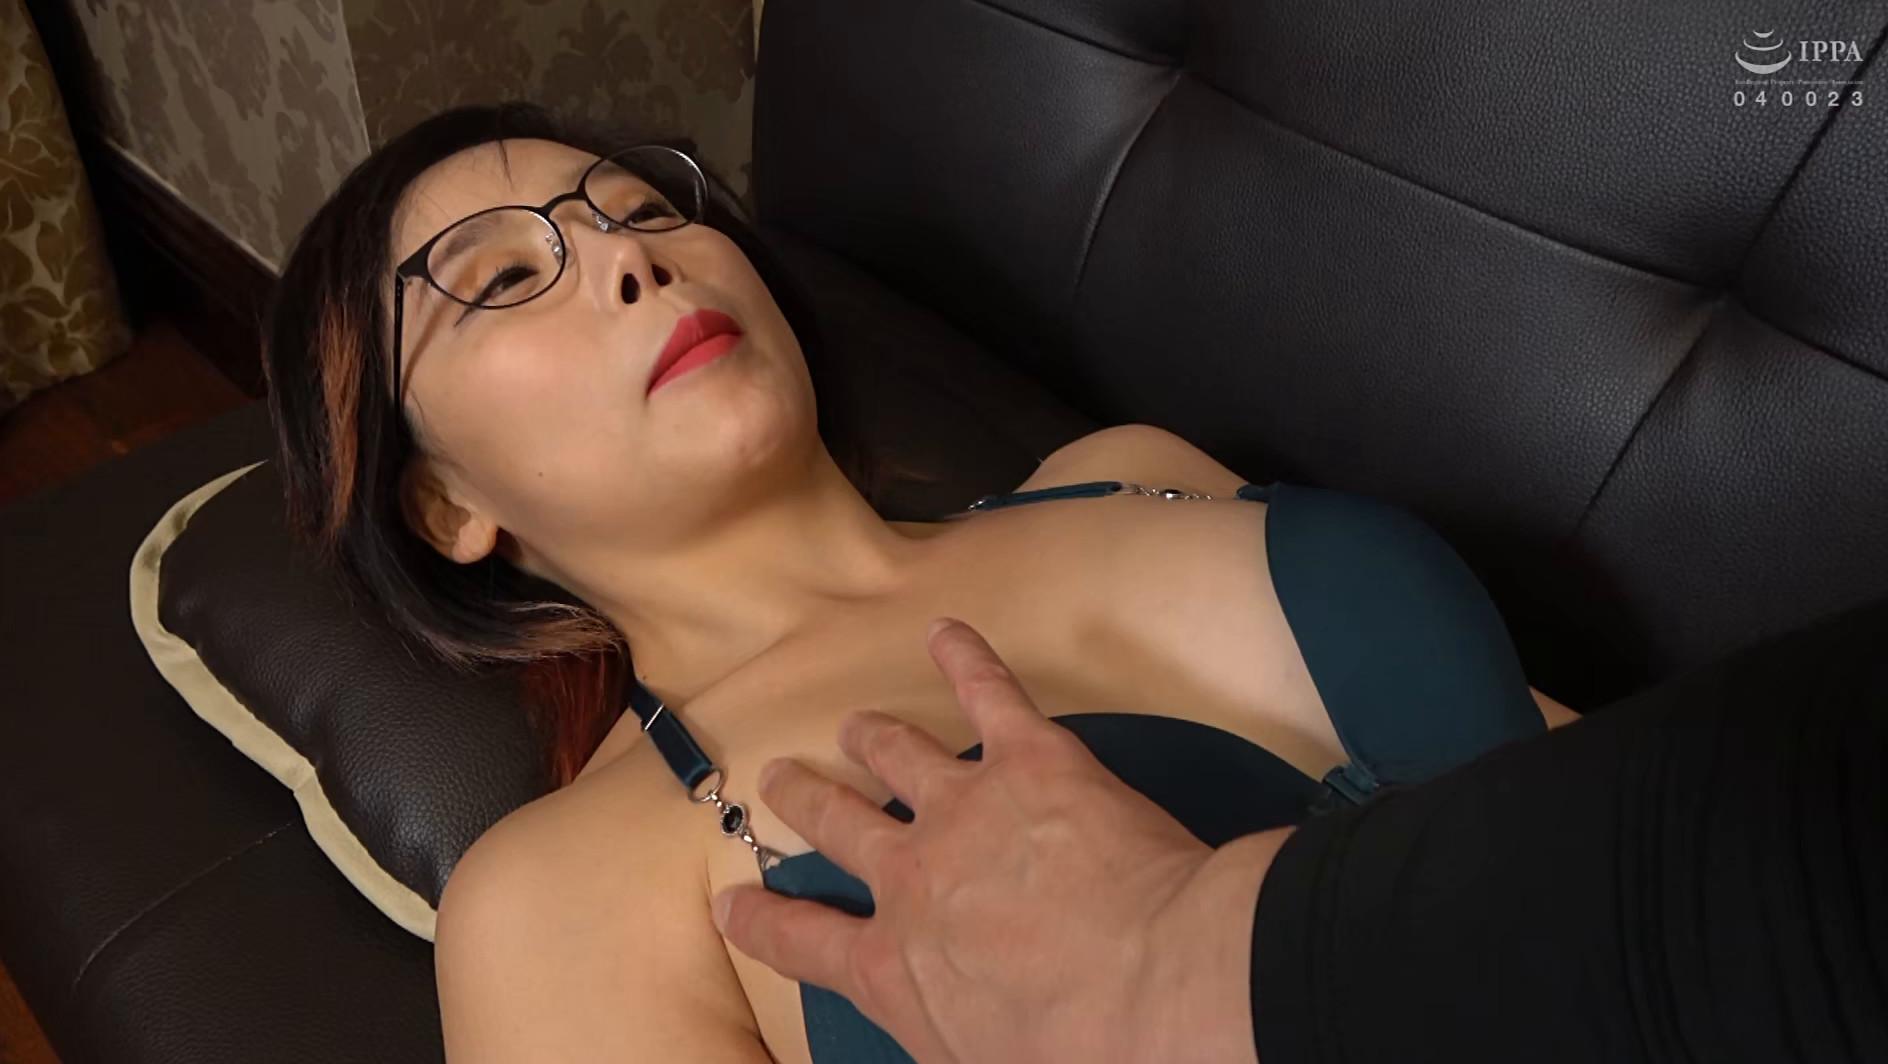 韓国で見つけた見た目から従順そうな彼女は、どこまでヤラれても無垢な希少種!服を脱がされても信じて疑わない!電マでトロンとさせればチ〇ポもしゃぶる! 画像7